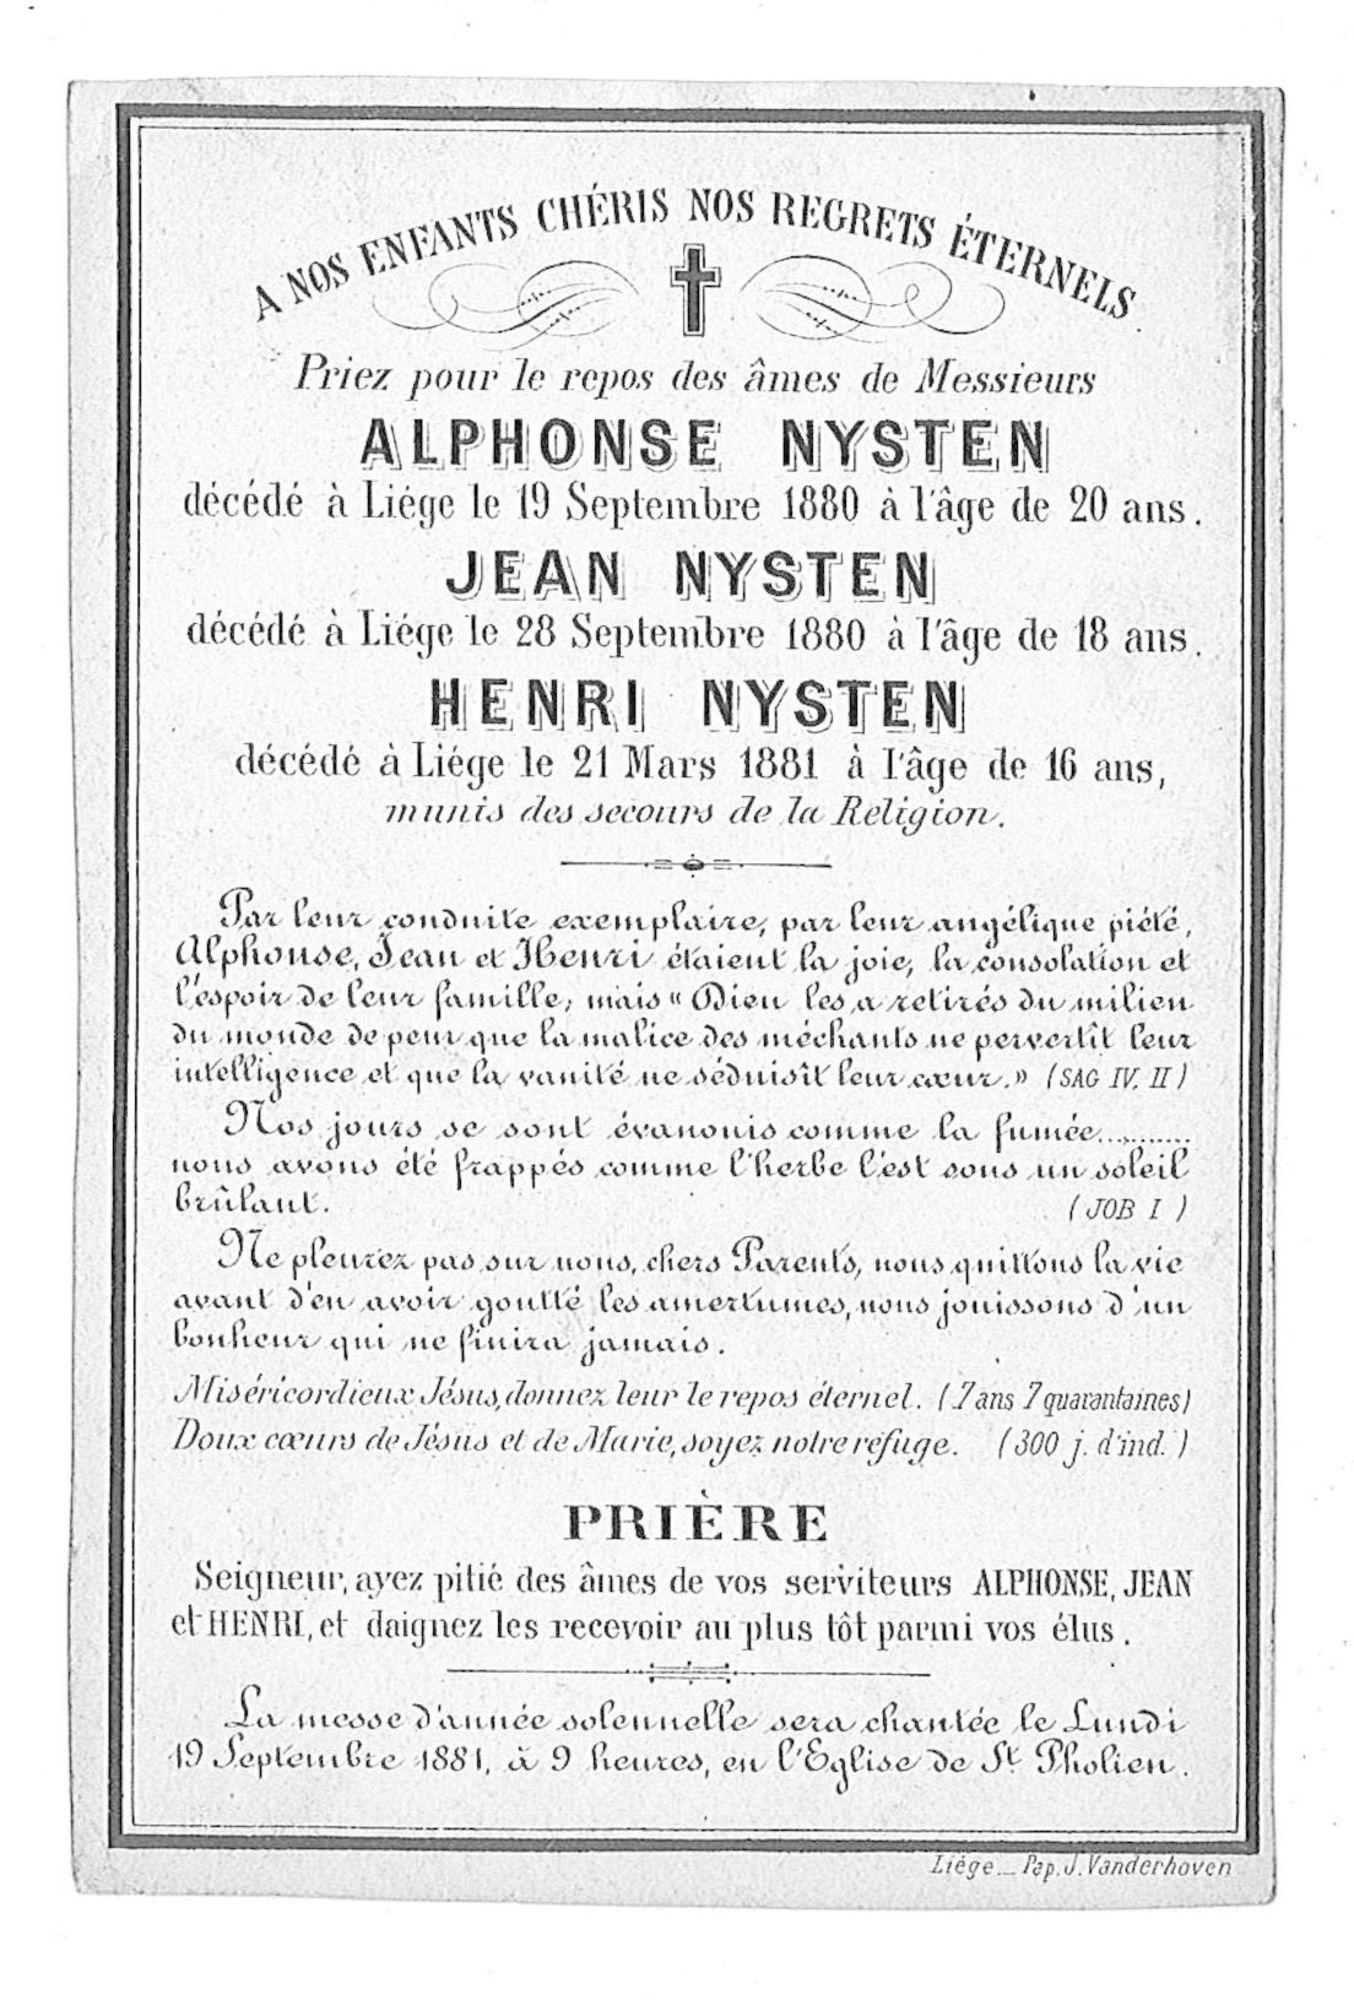 Alphonse Nysten